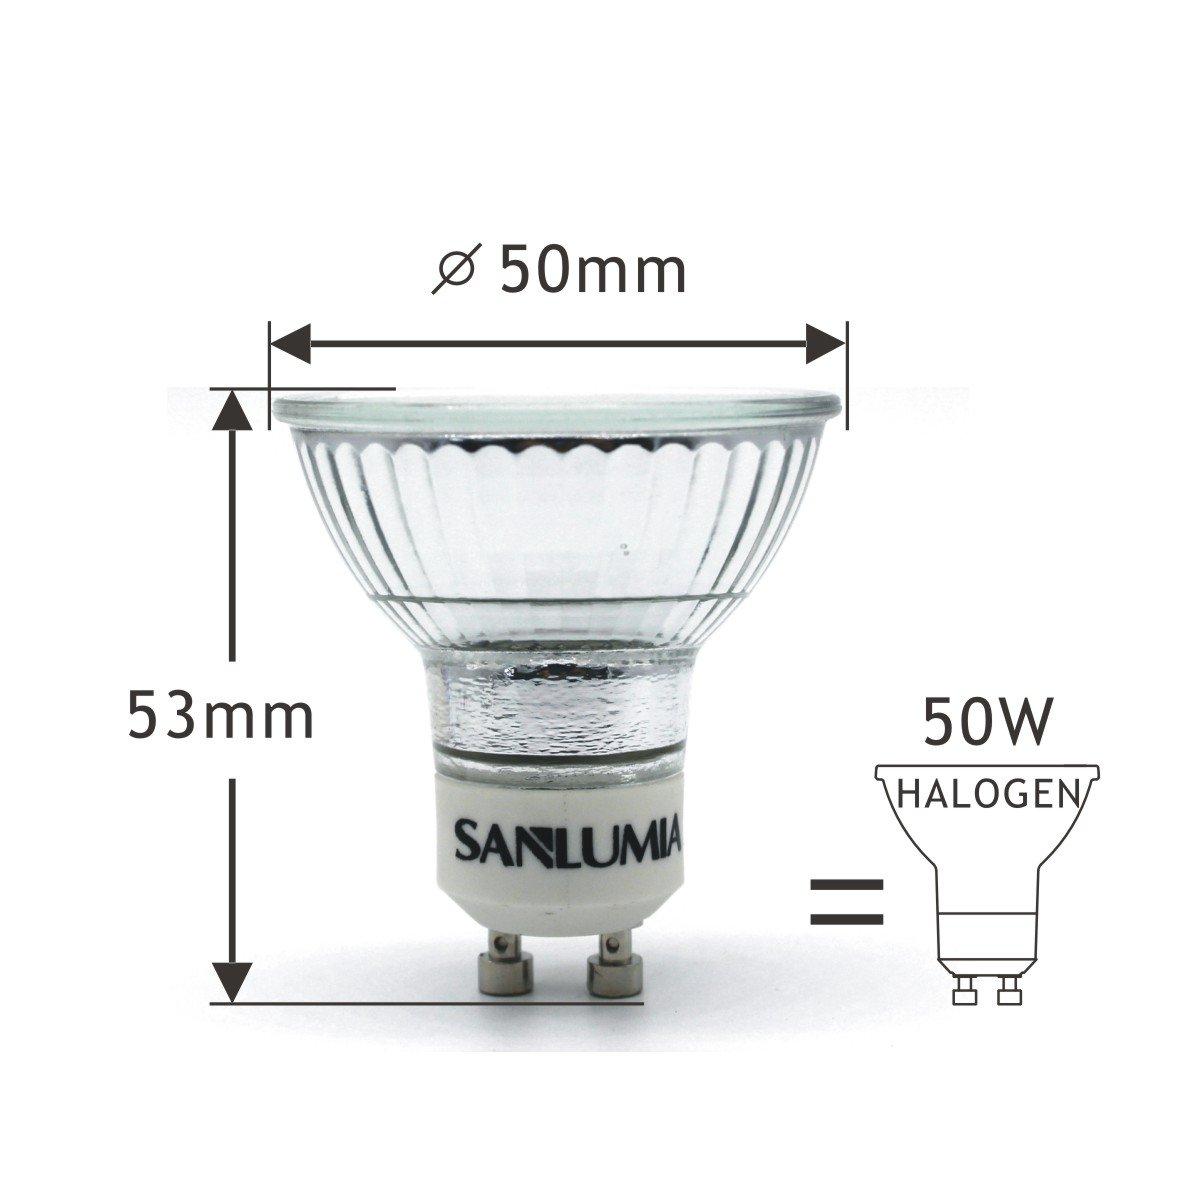 Sanlumia Bombillas LED GU10, 5W=50W Halógena, 450Lm, Blanco Frío (6400K), 120 ° ángulo de haz, Iluminación de Techo para Cocina, Oficina, o Baño, ...